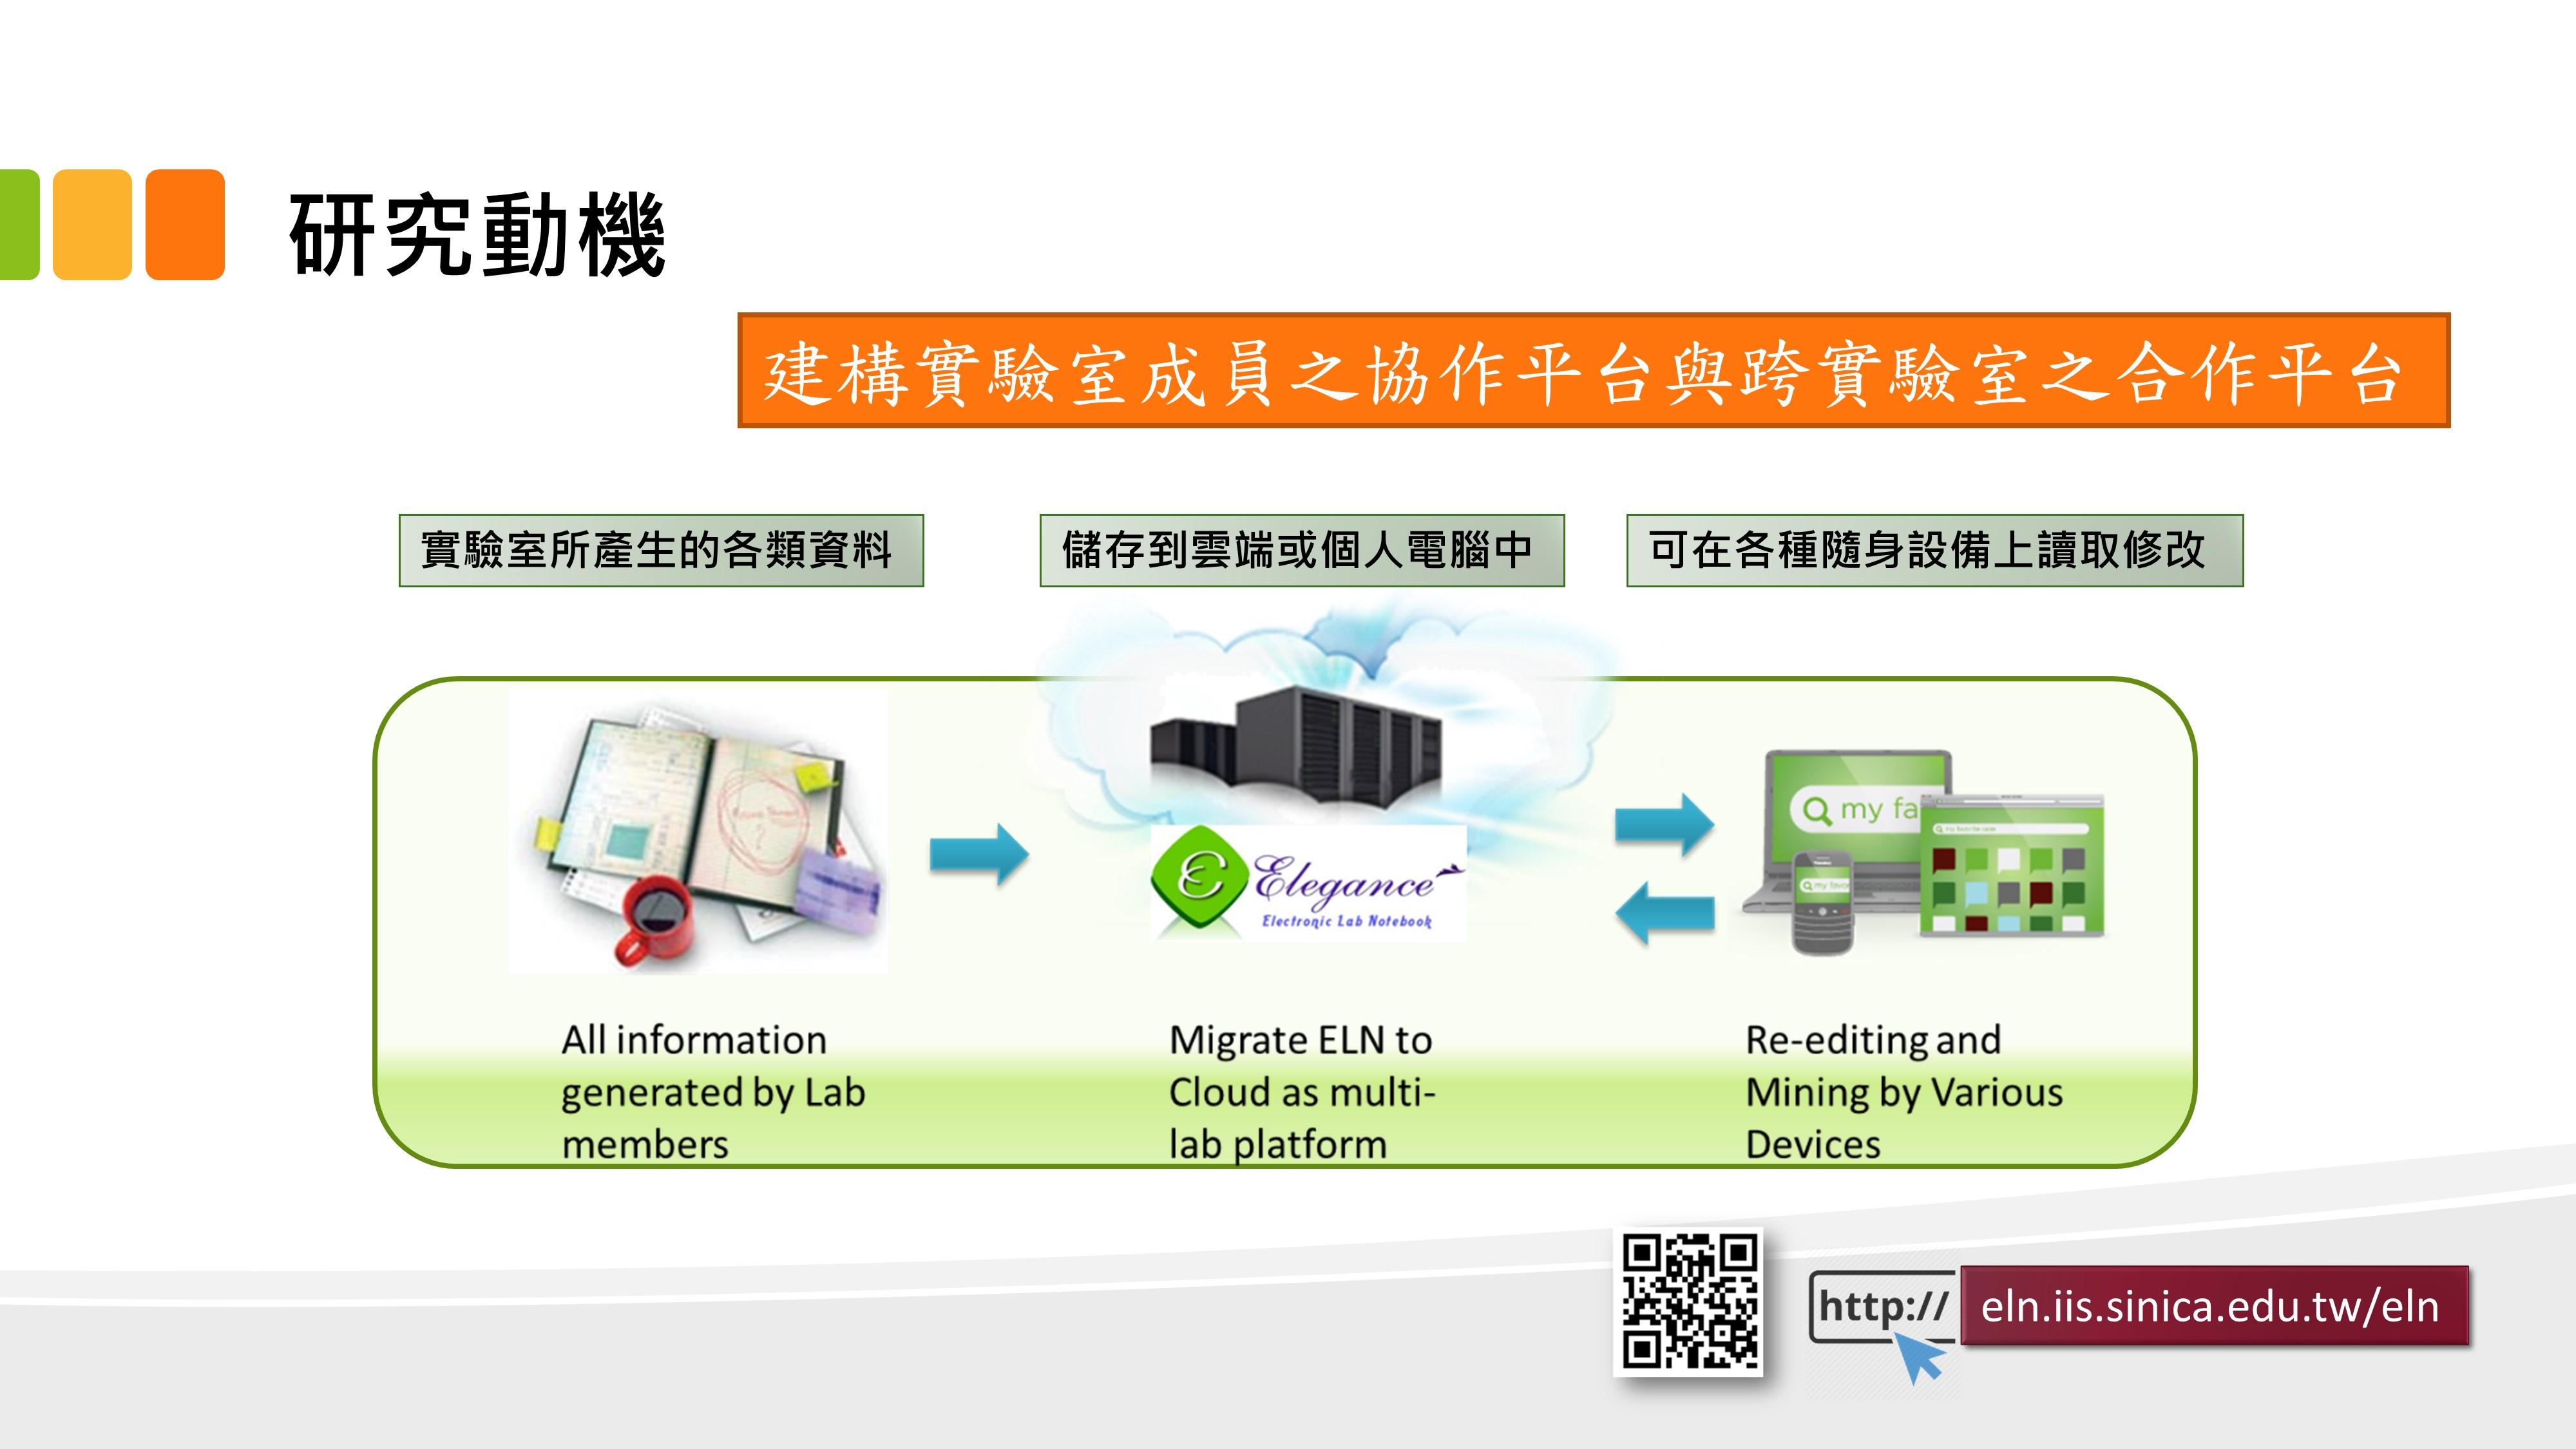 透過簡易安裝介面可架設於自有主機或雲端平台的實驗室電子記錄本